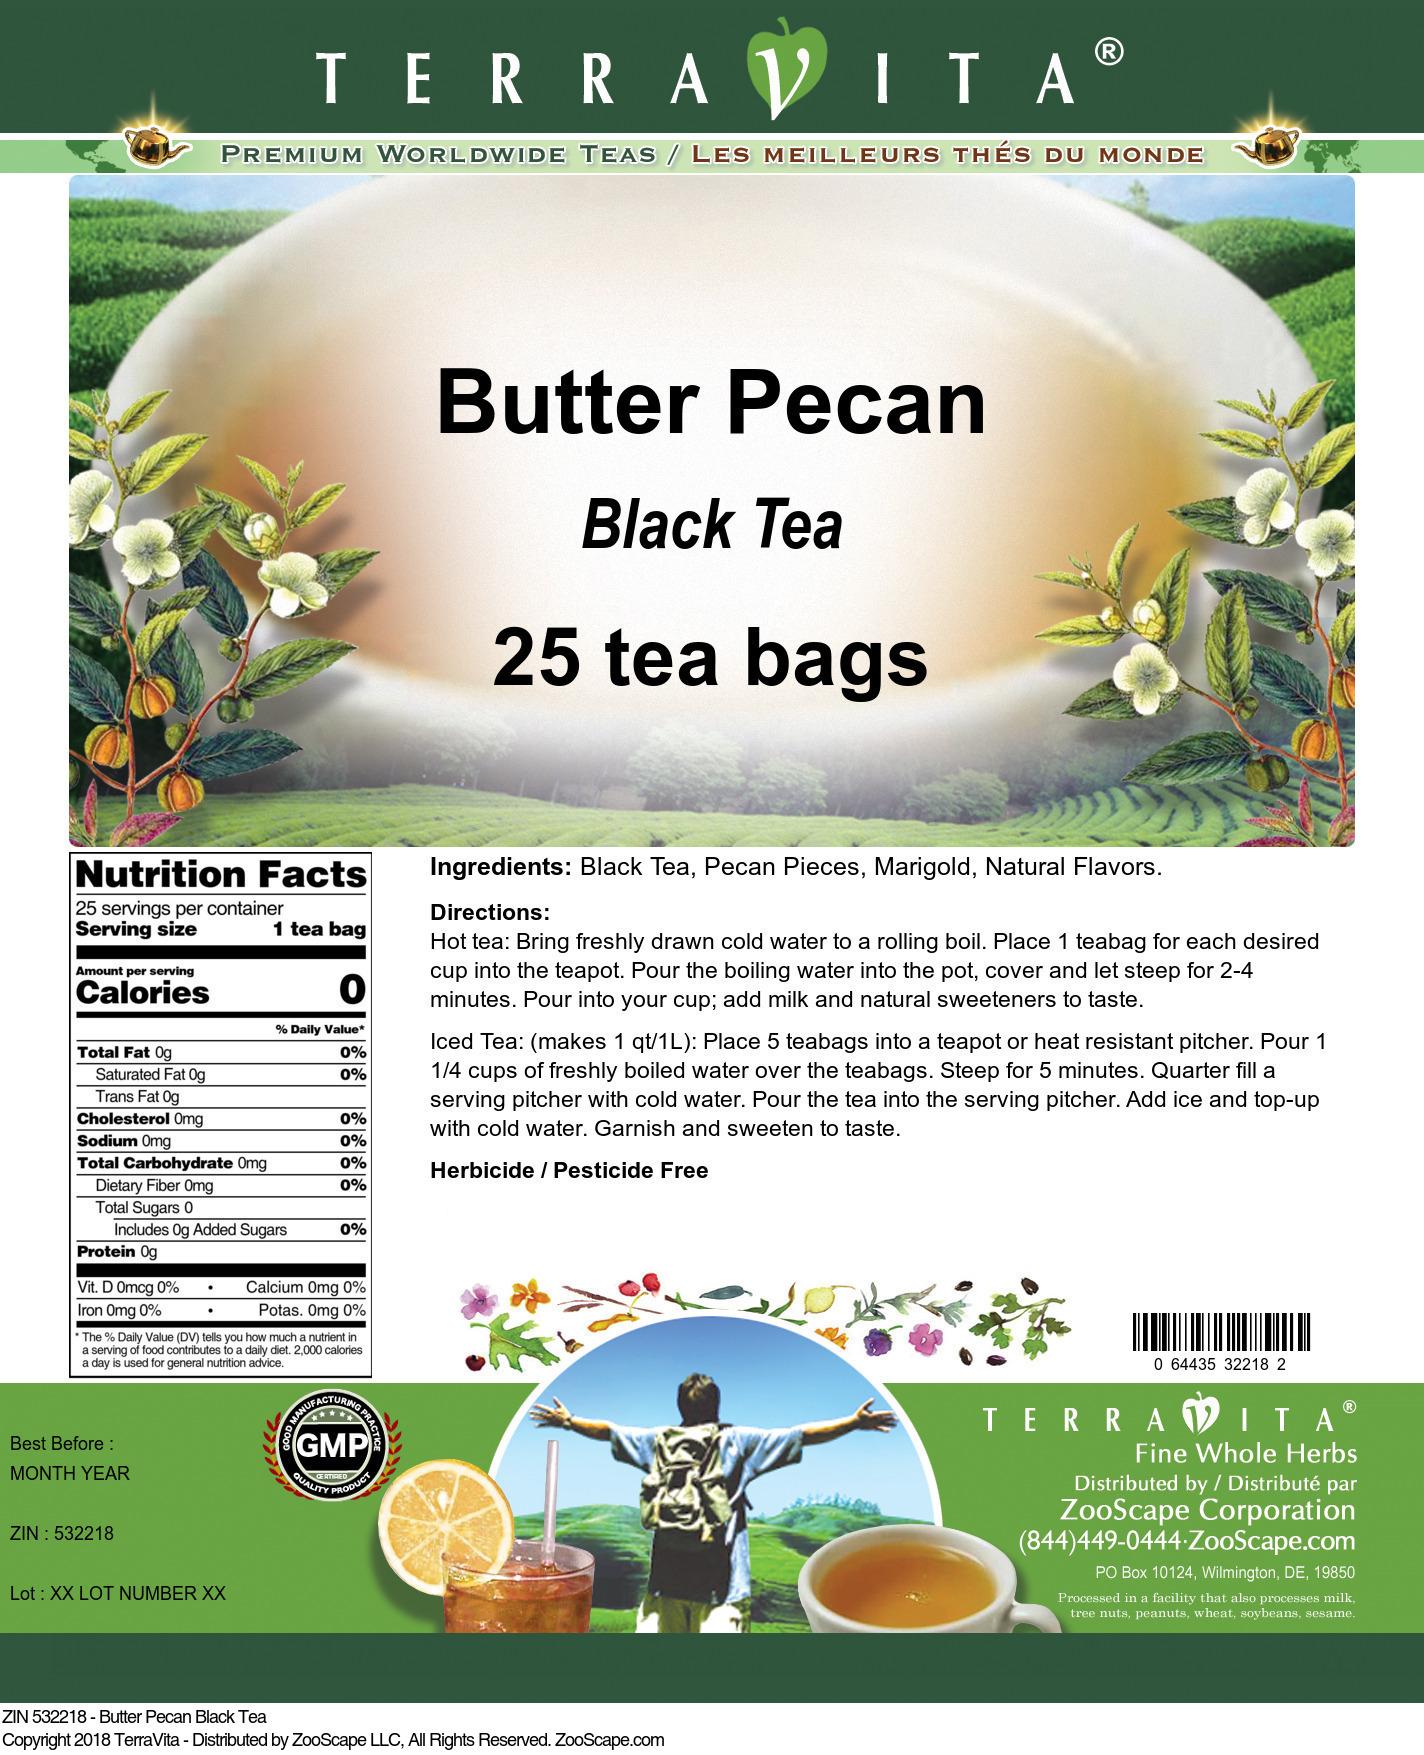 Butter Pecan Black Tea